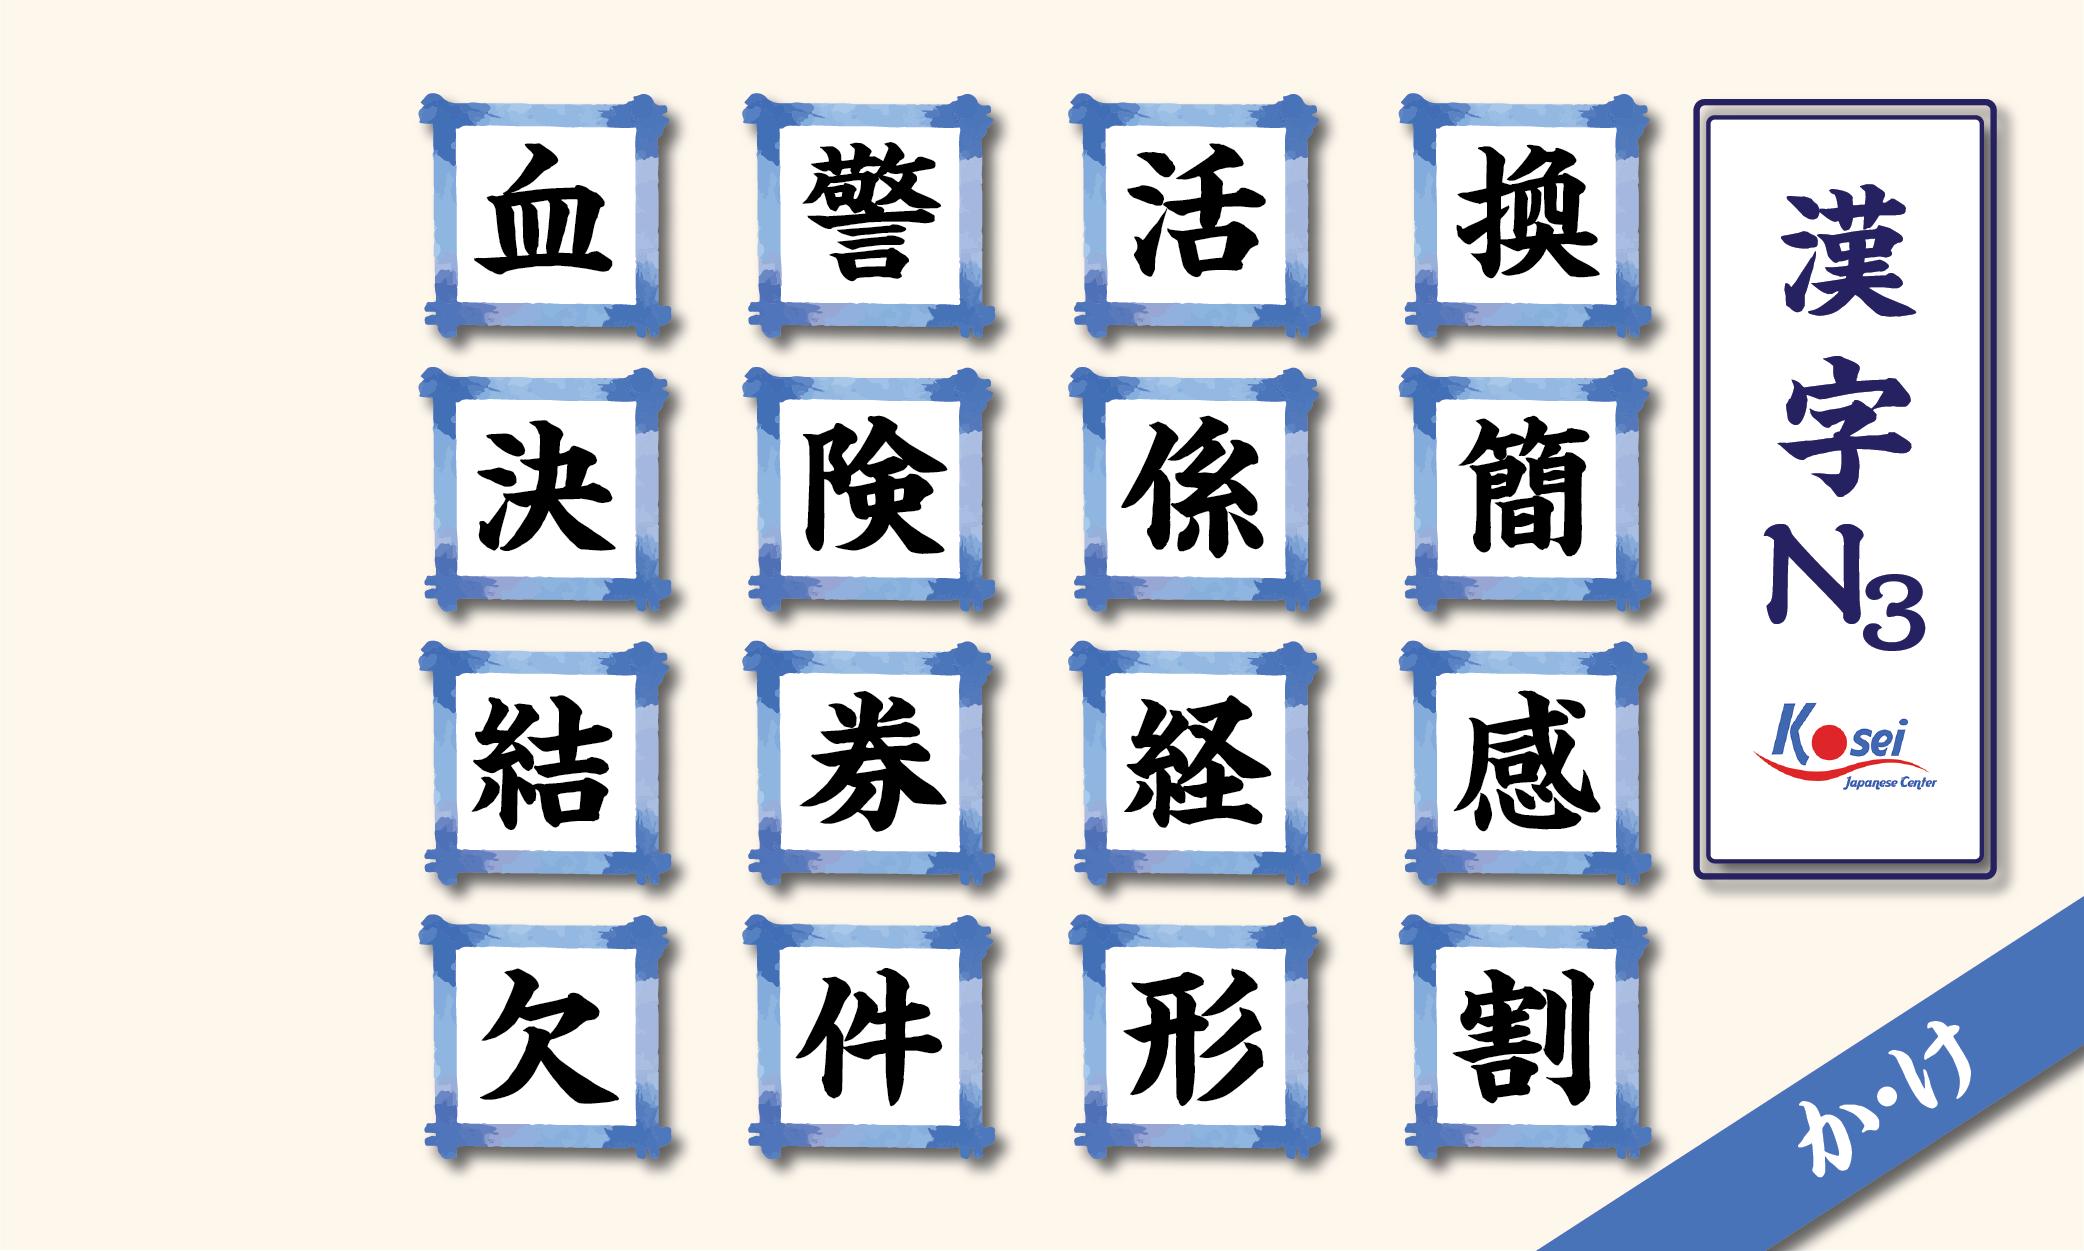 kanji n3 theo âm on hàng k